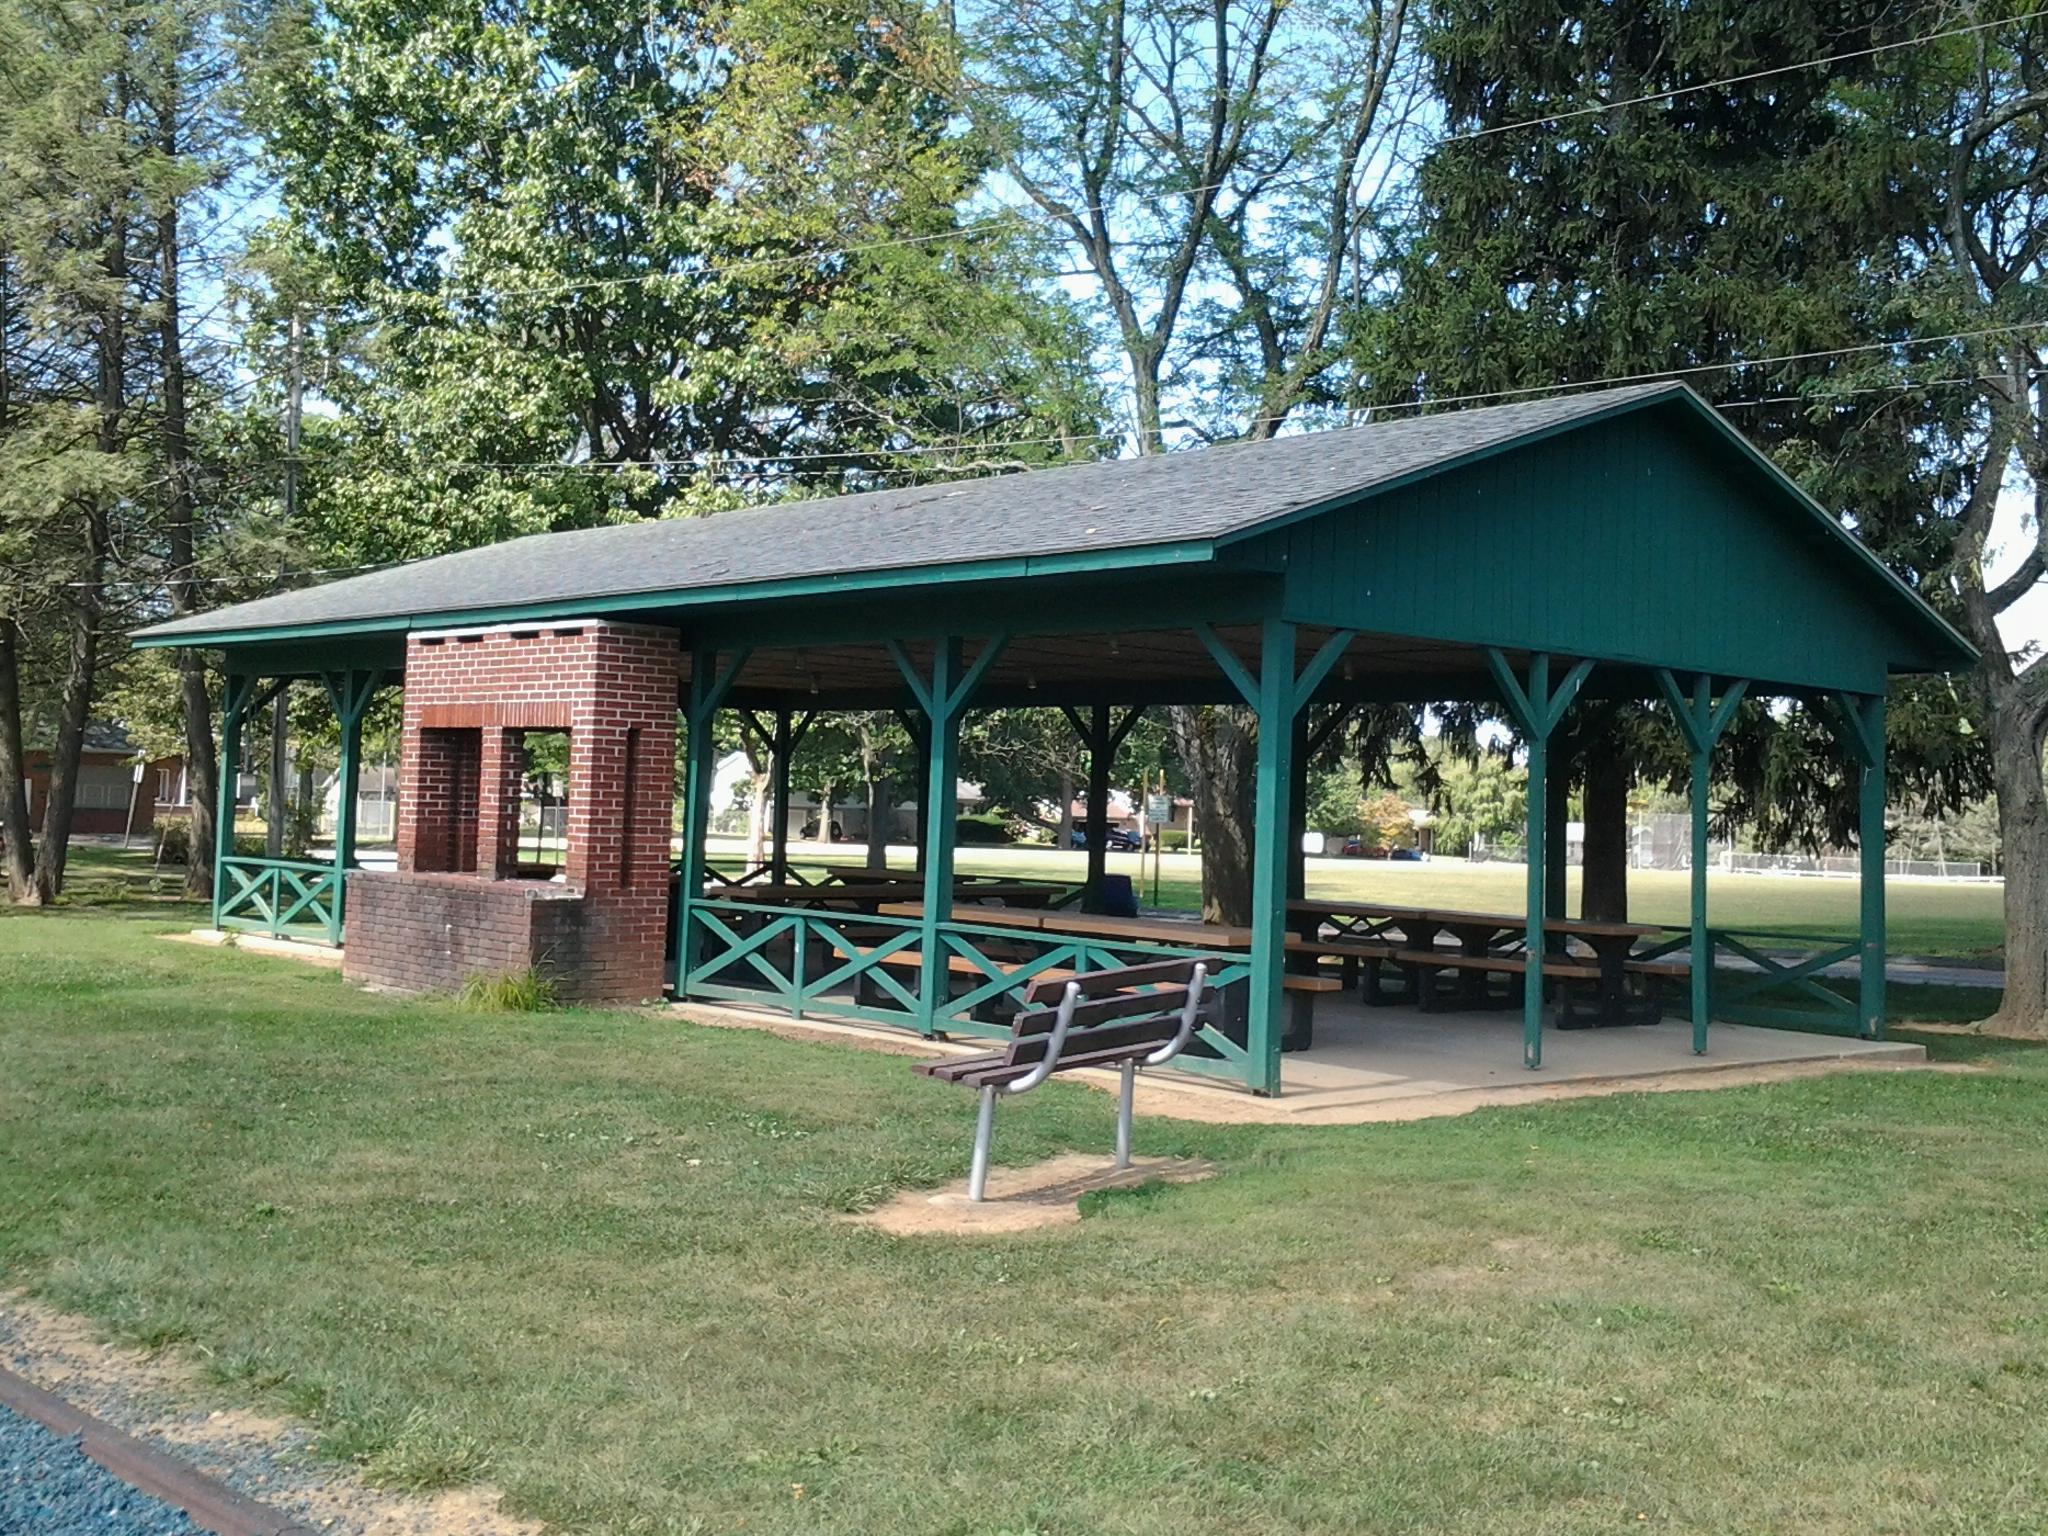 Memorial Pavilion $75 Weekends, $40 Weekdays